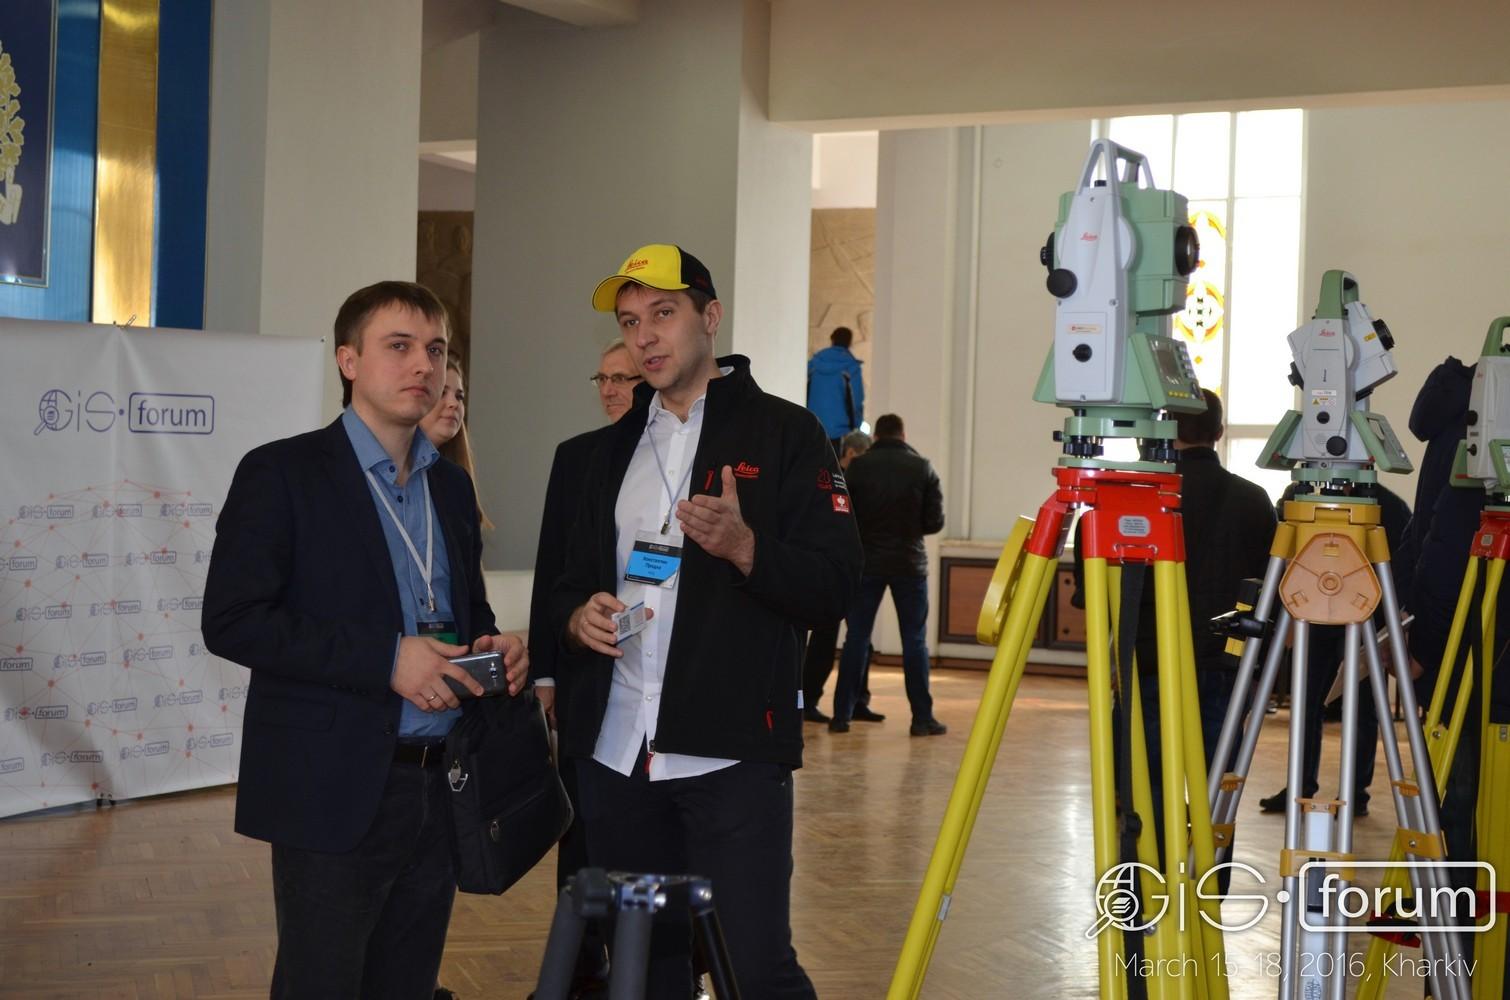 Сотрудники института приняли участите в GIS-forum 2016 «Образование. Наука. Производство»